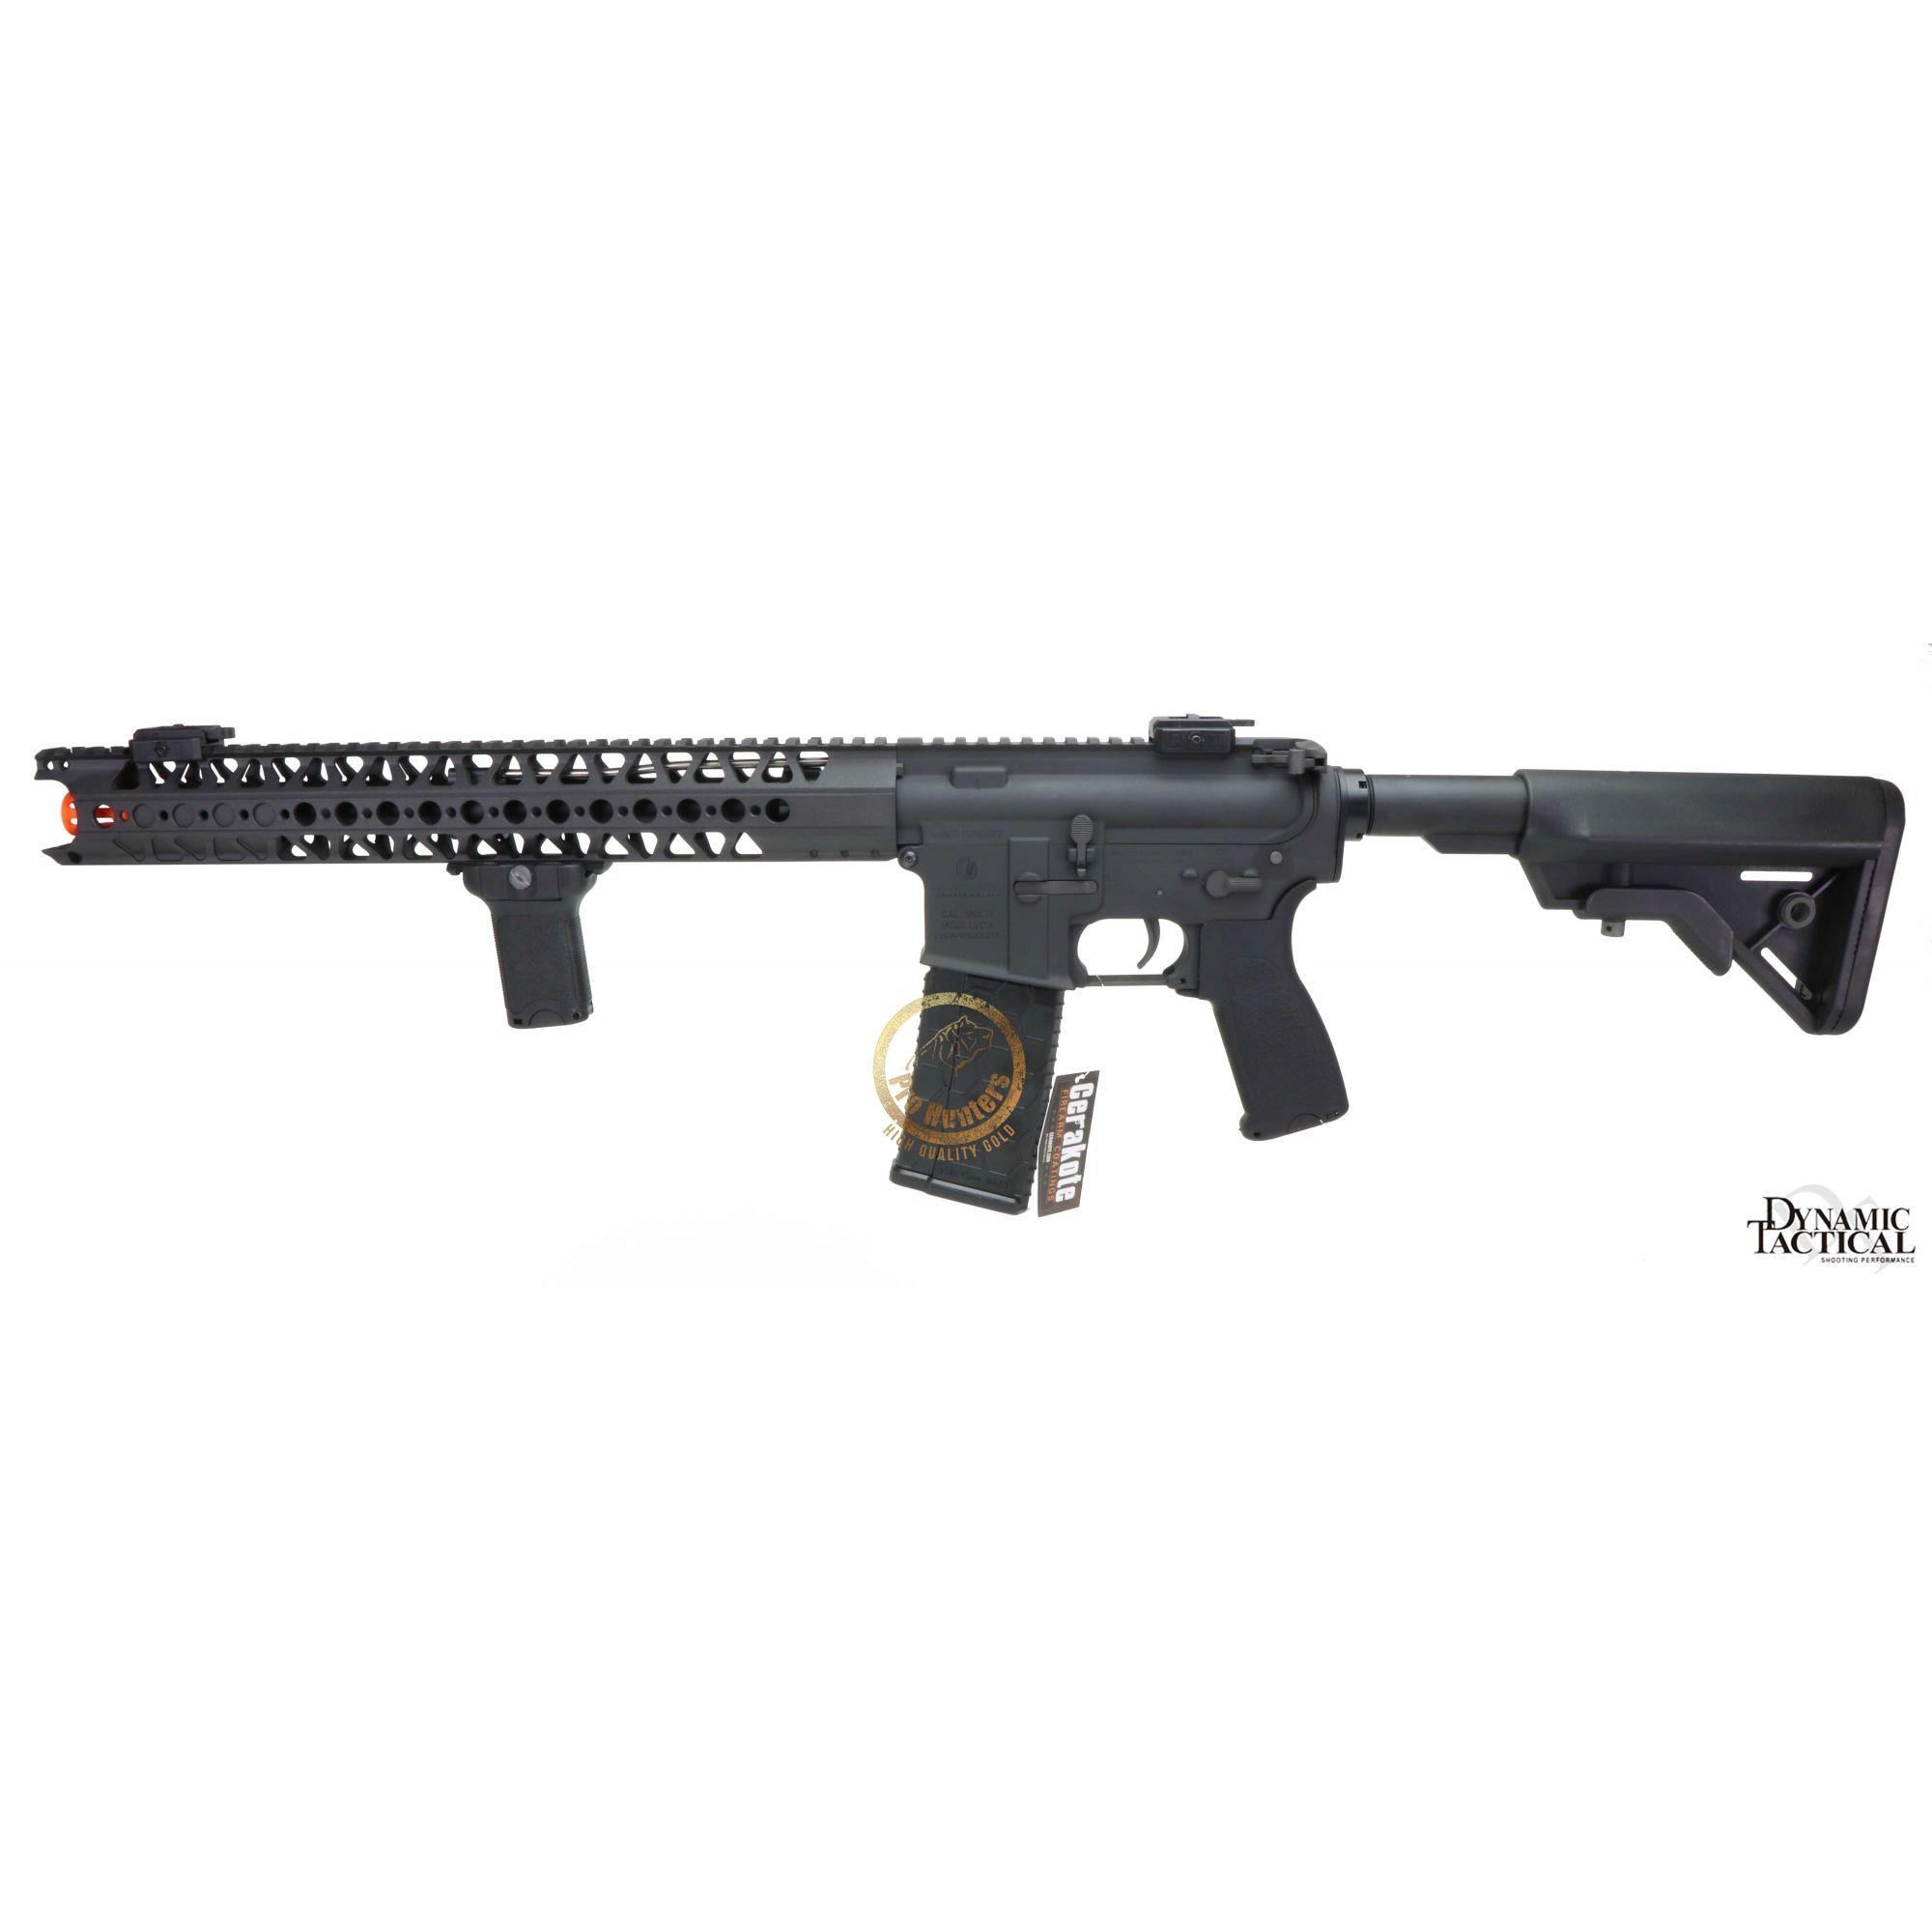 Rifle Airsoft Dytac LA M4 Carbine - Black